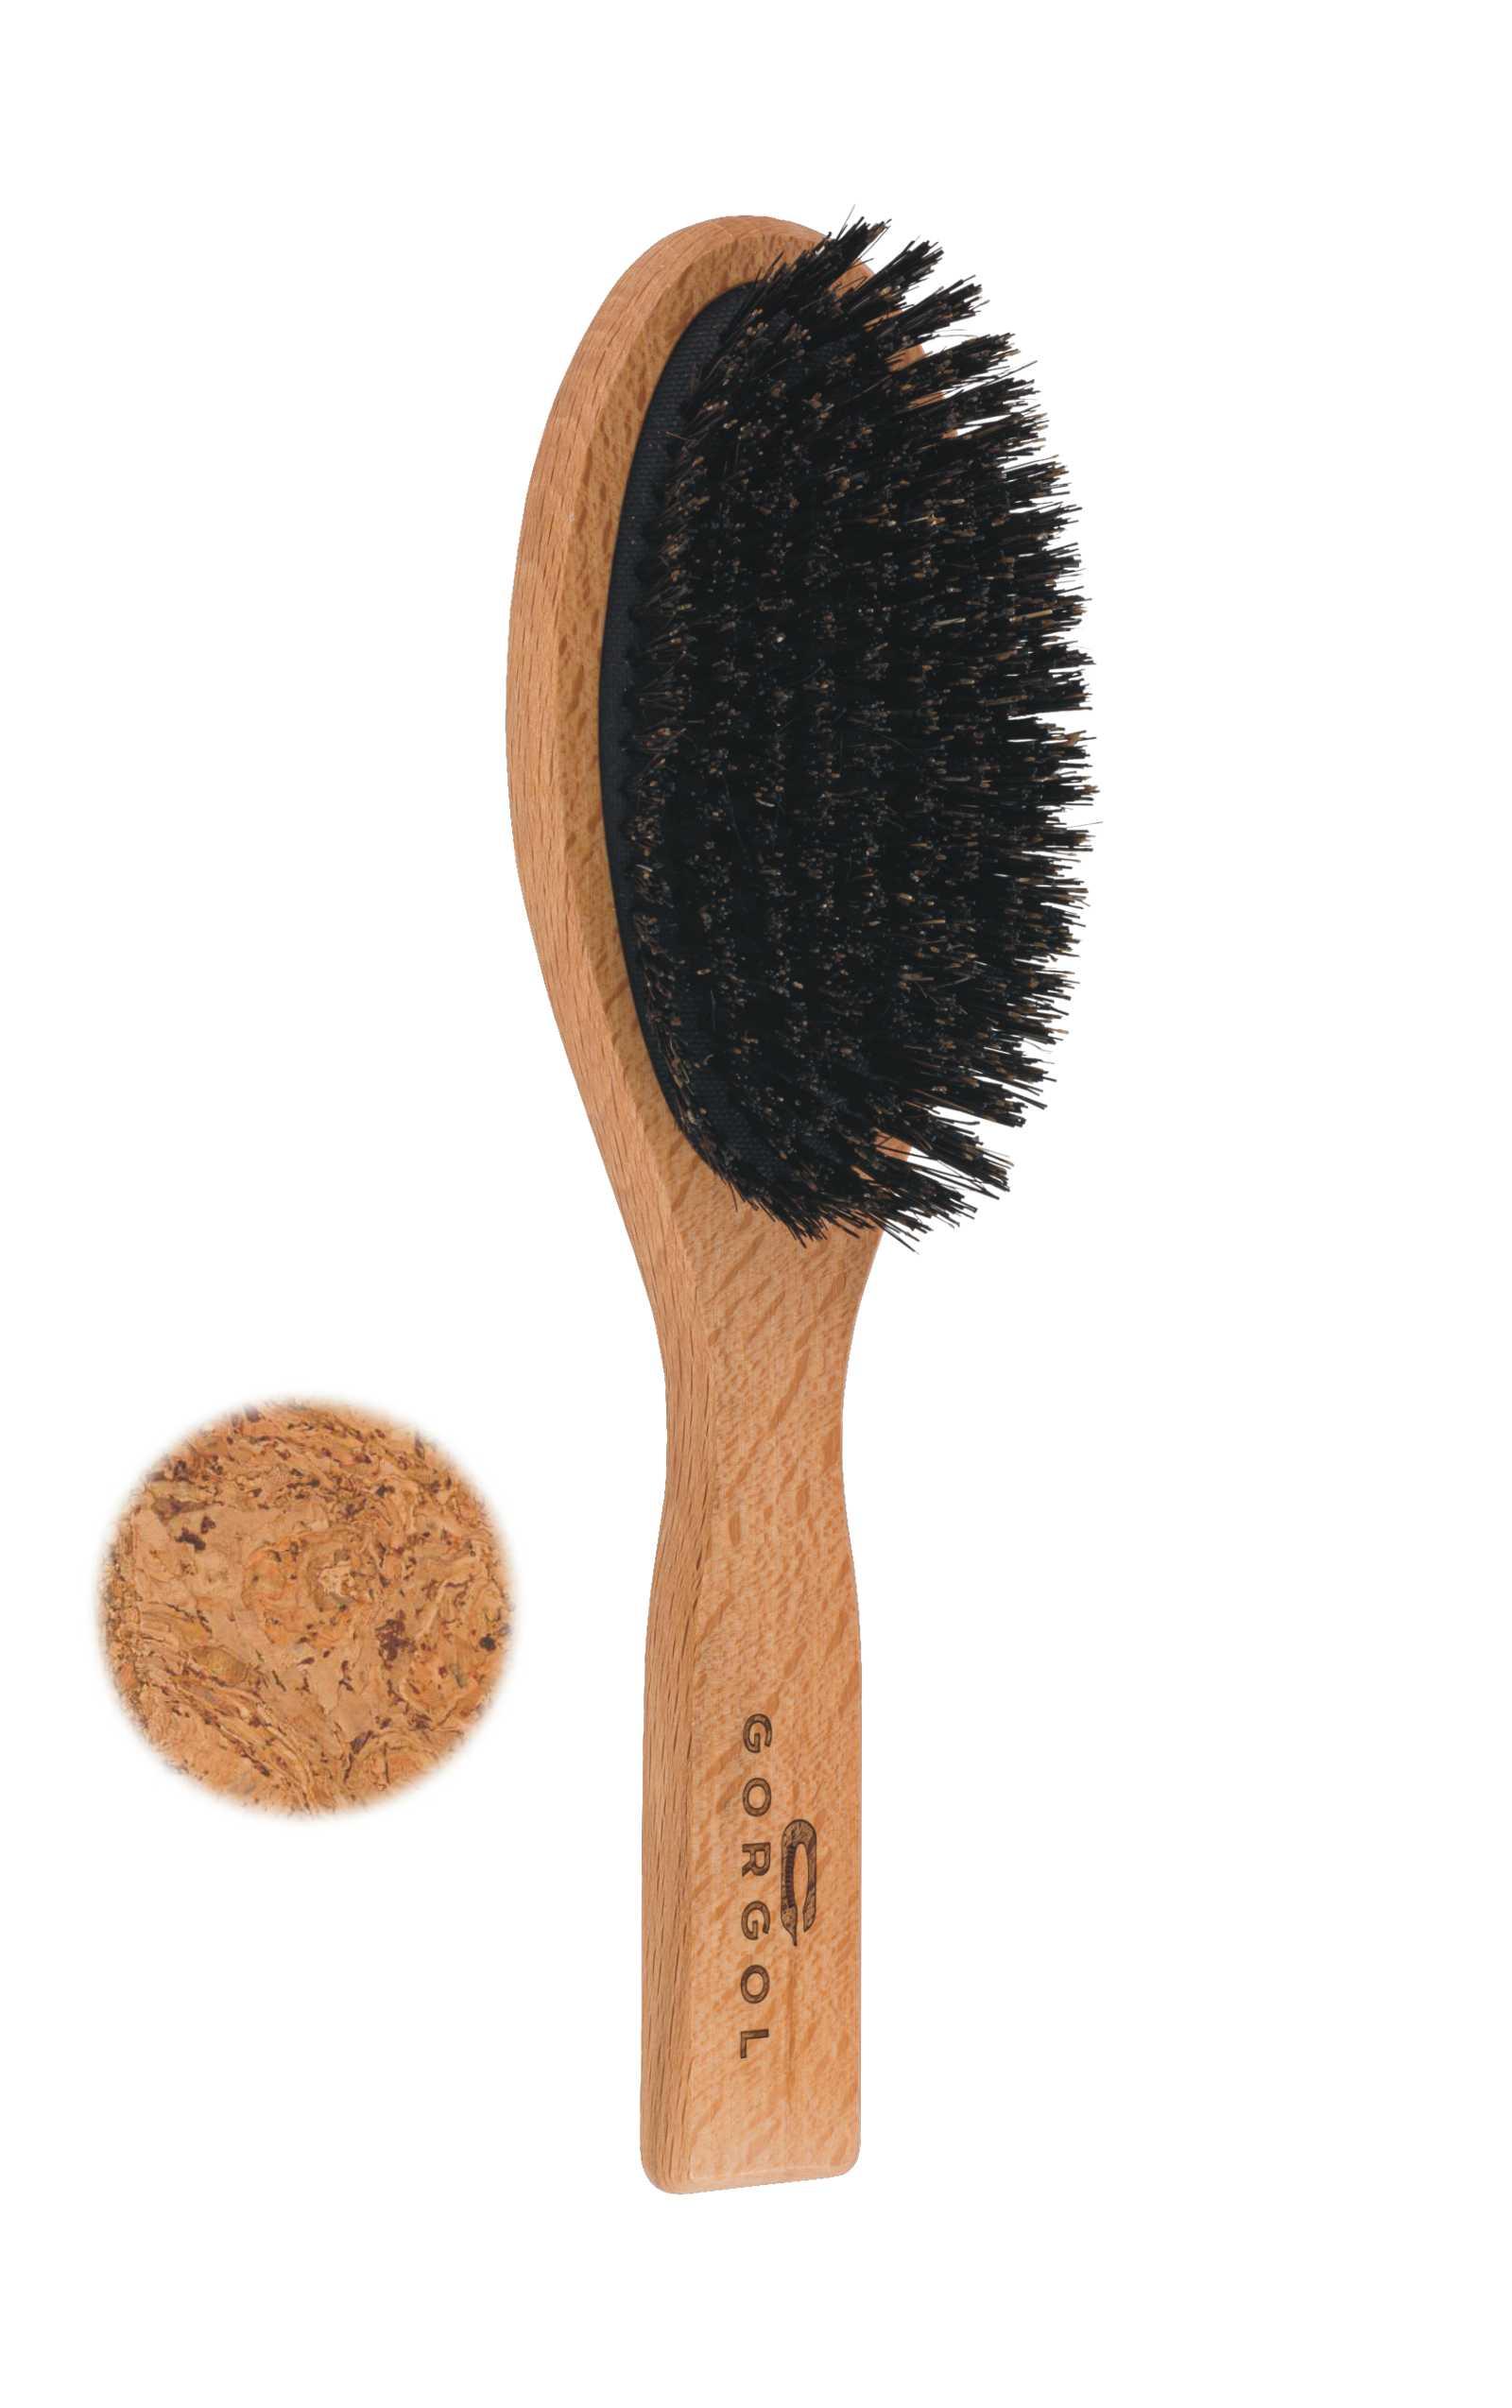 Szczotka z włosiem z dzika - korkowa